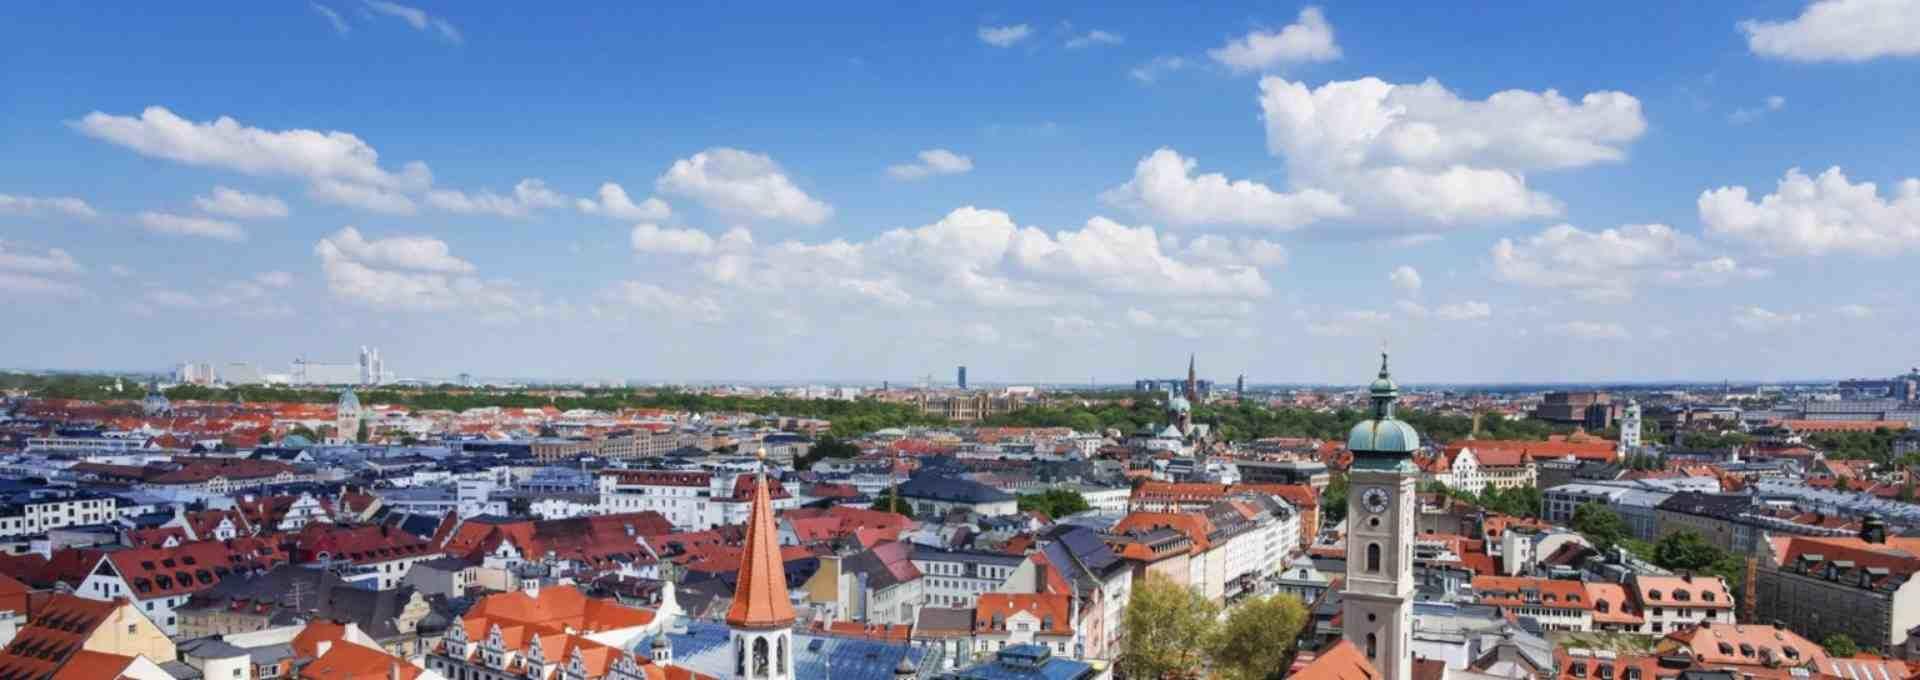 Экскурсии в Мюнхене и Баварии